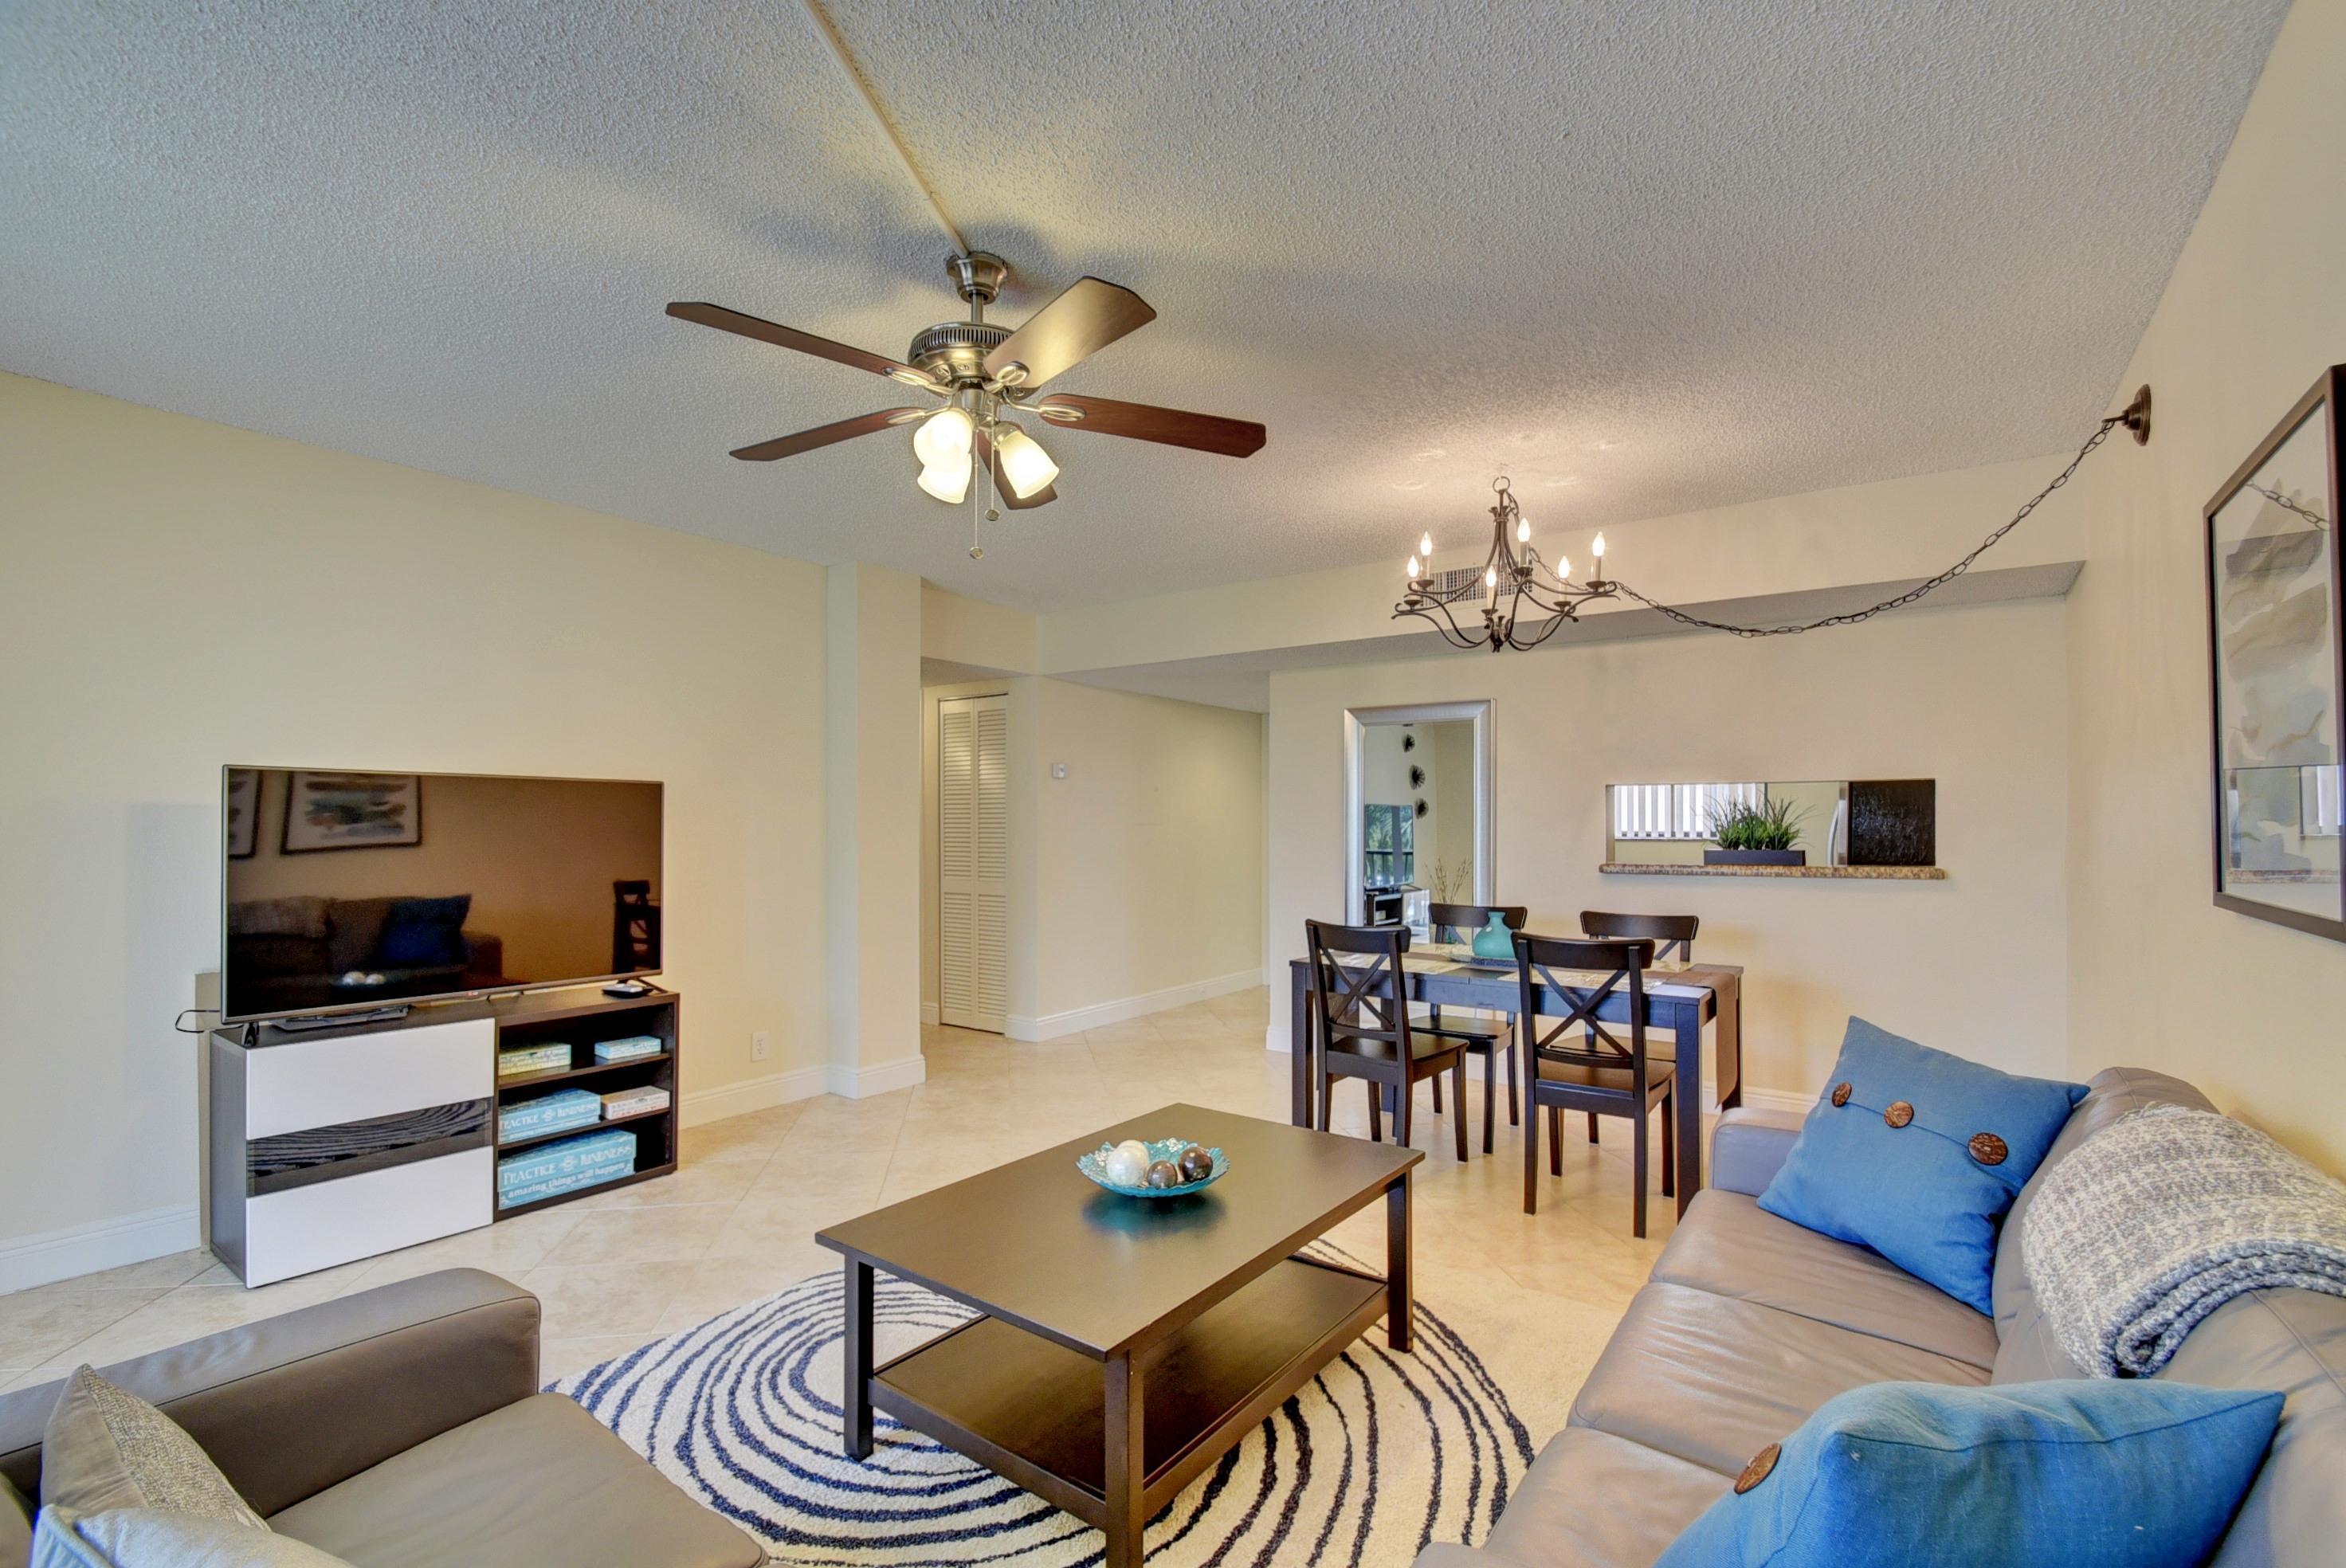 5160 Las Verdes Circle 315  Delray Beach, FL 33484